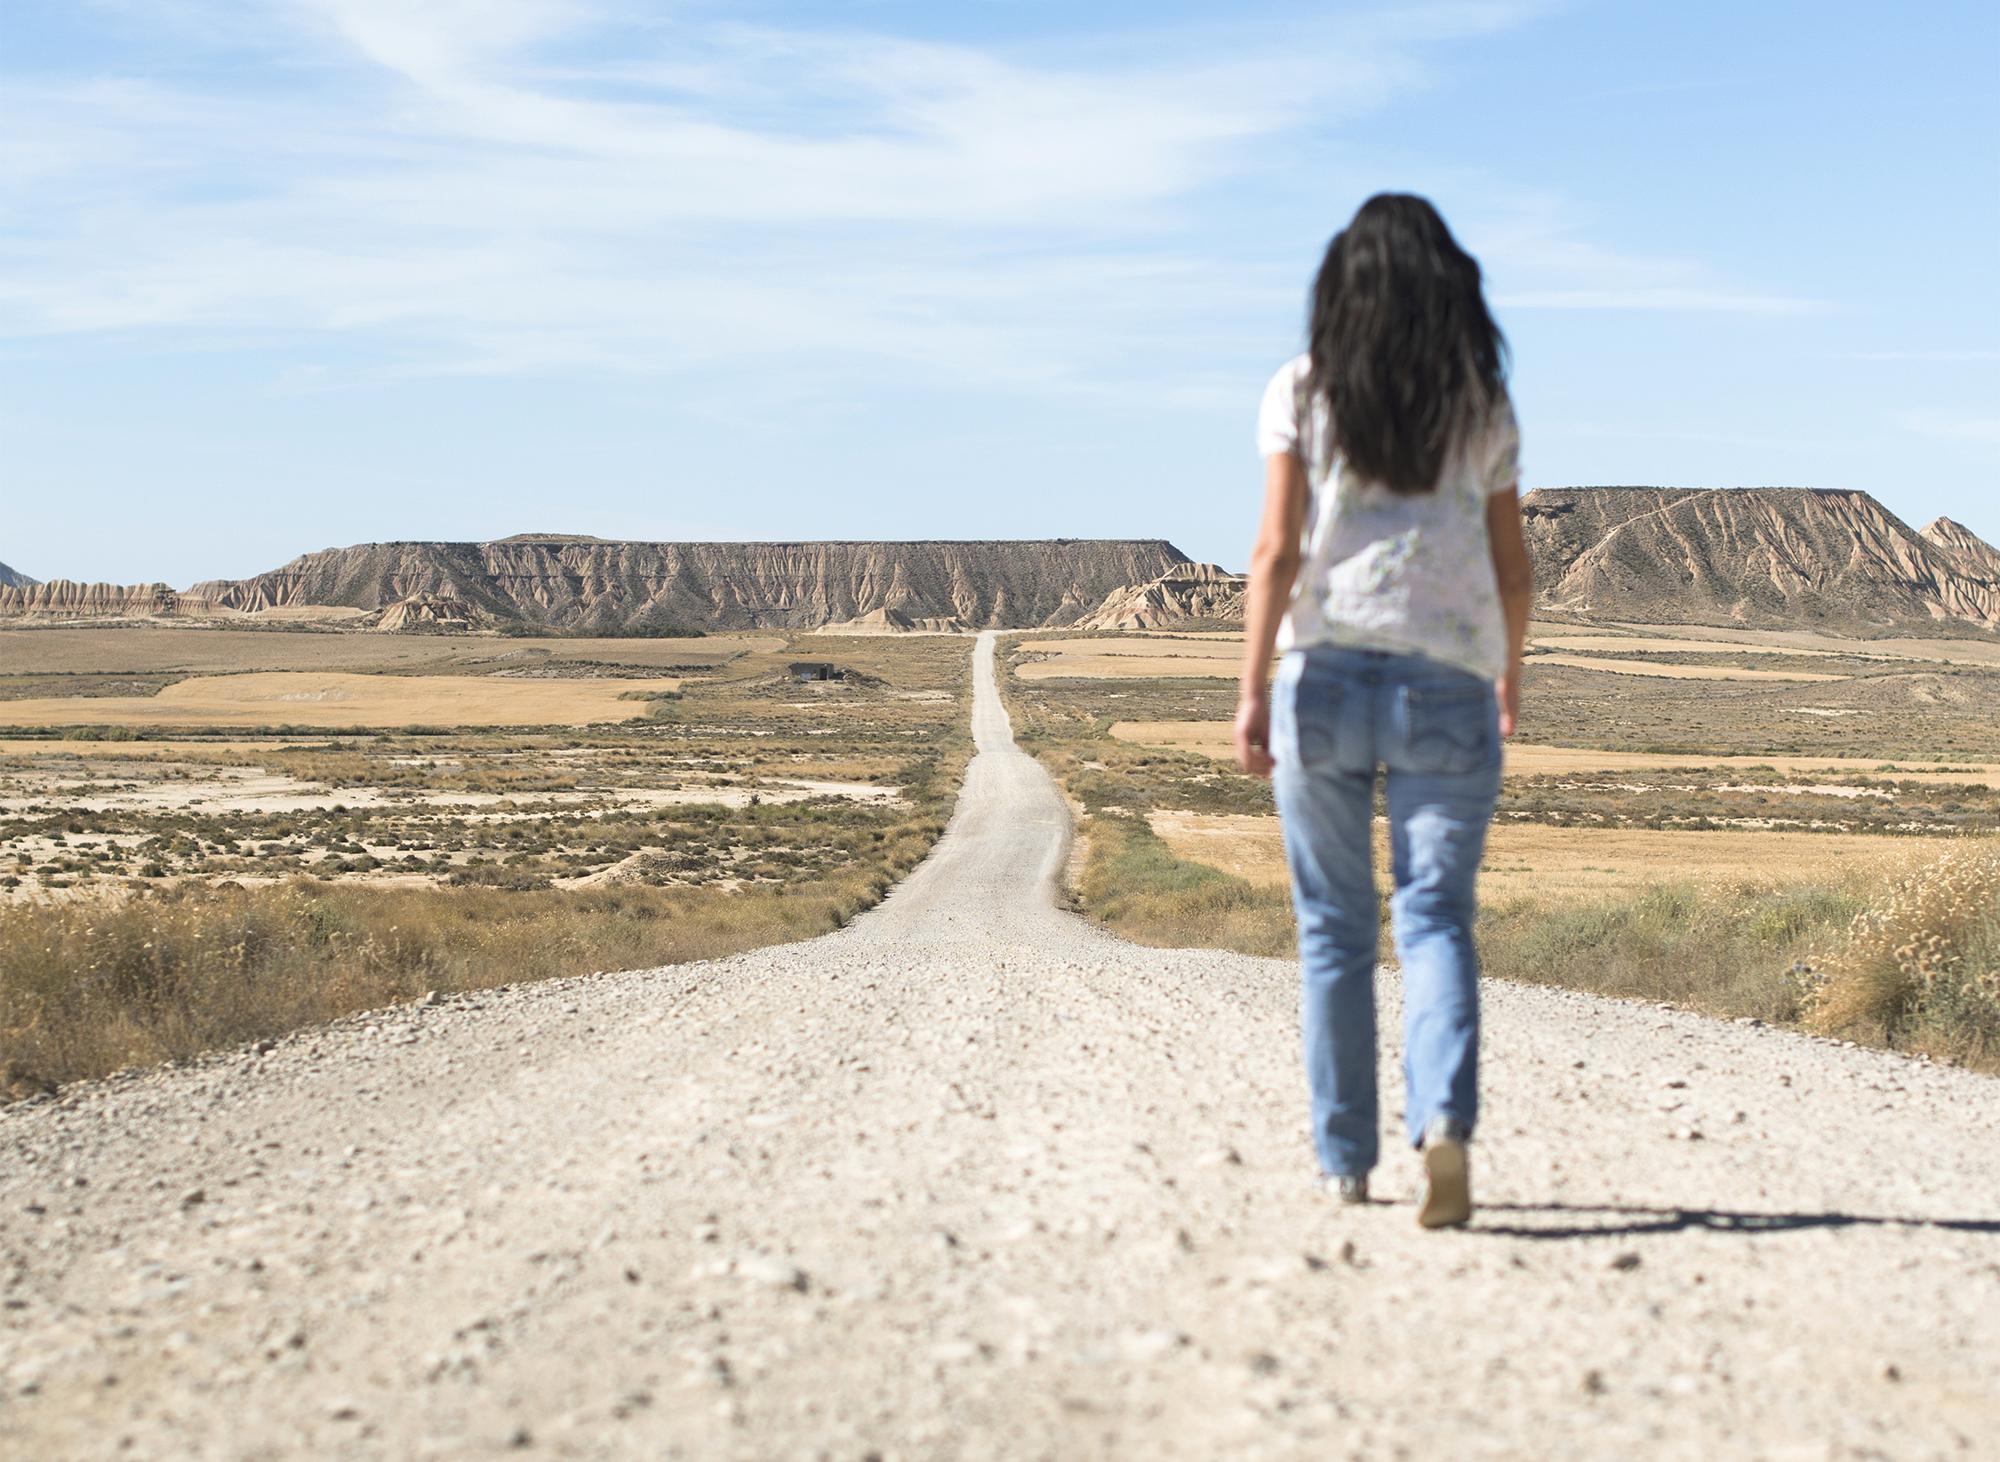 Episode 21: Prayer Walking on Hard Soil